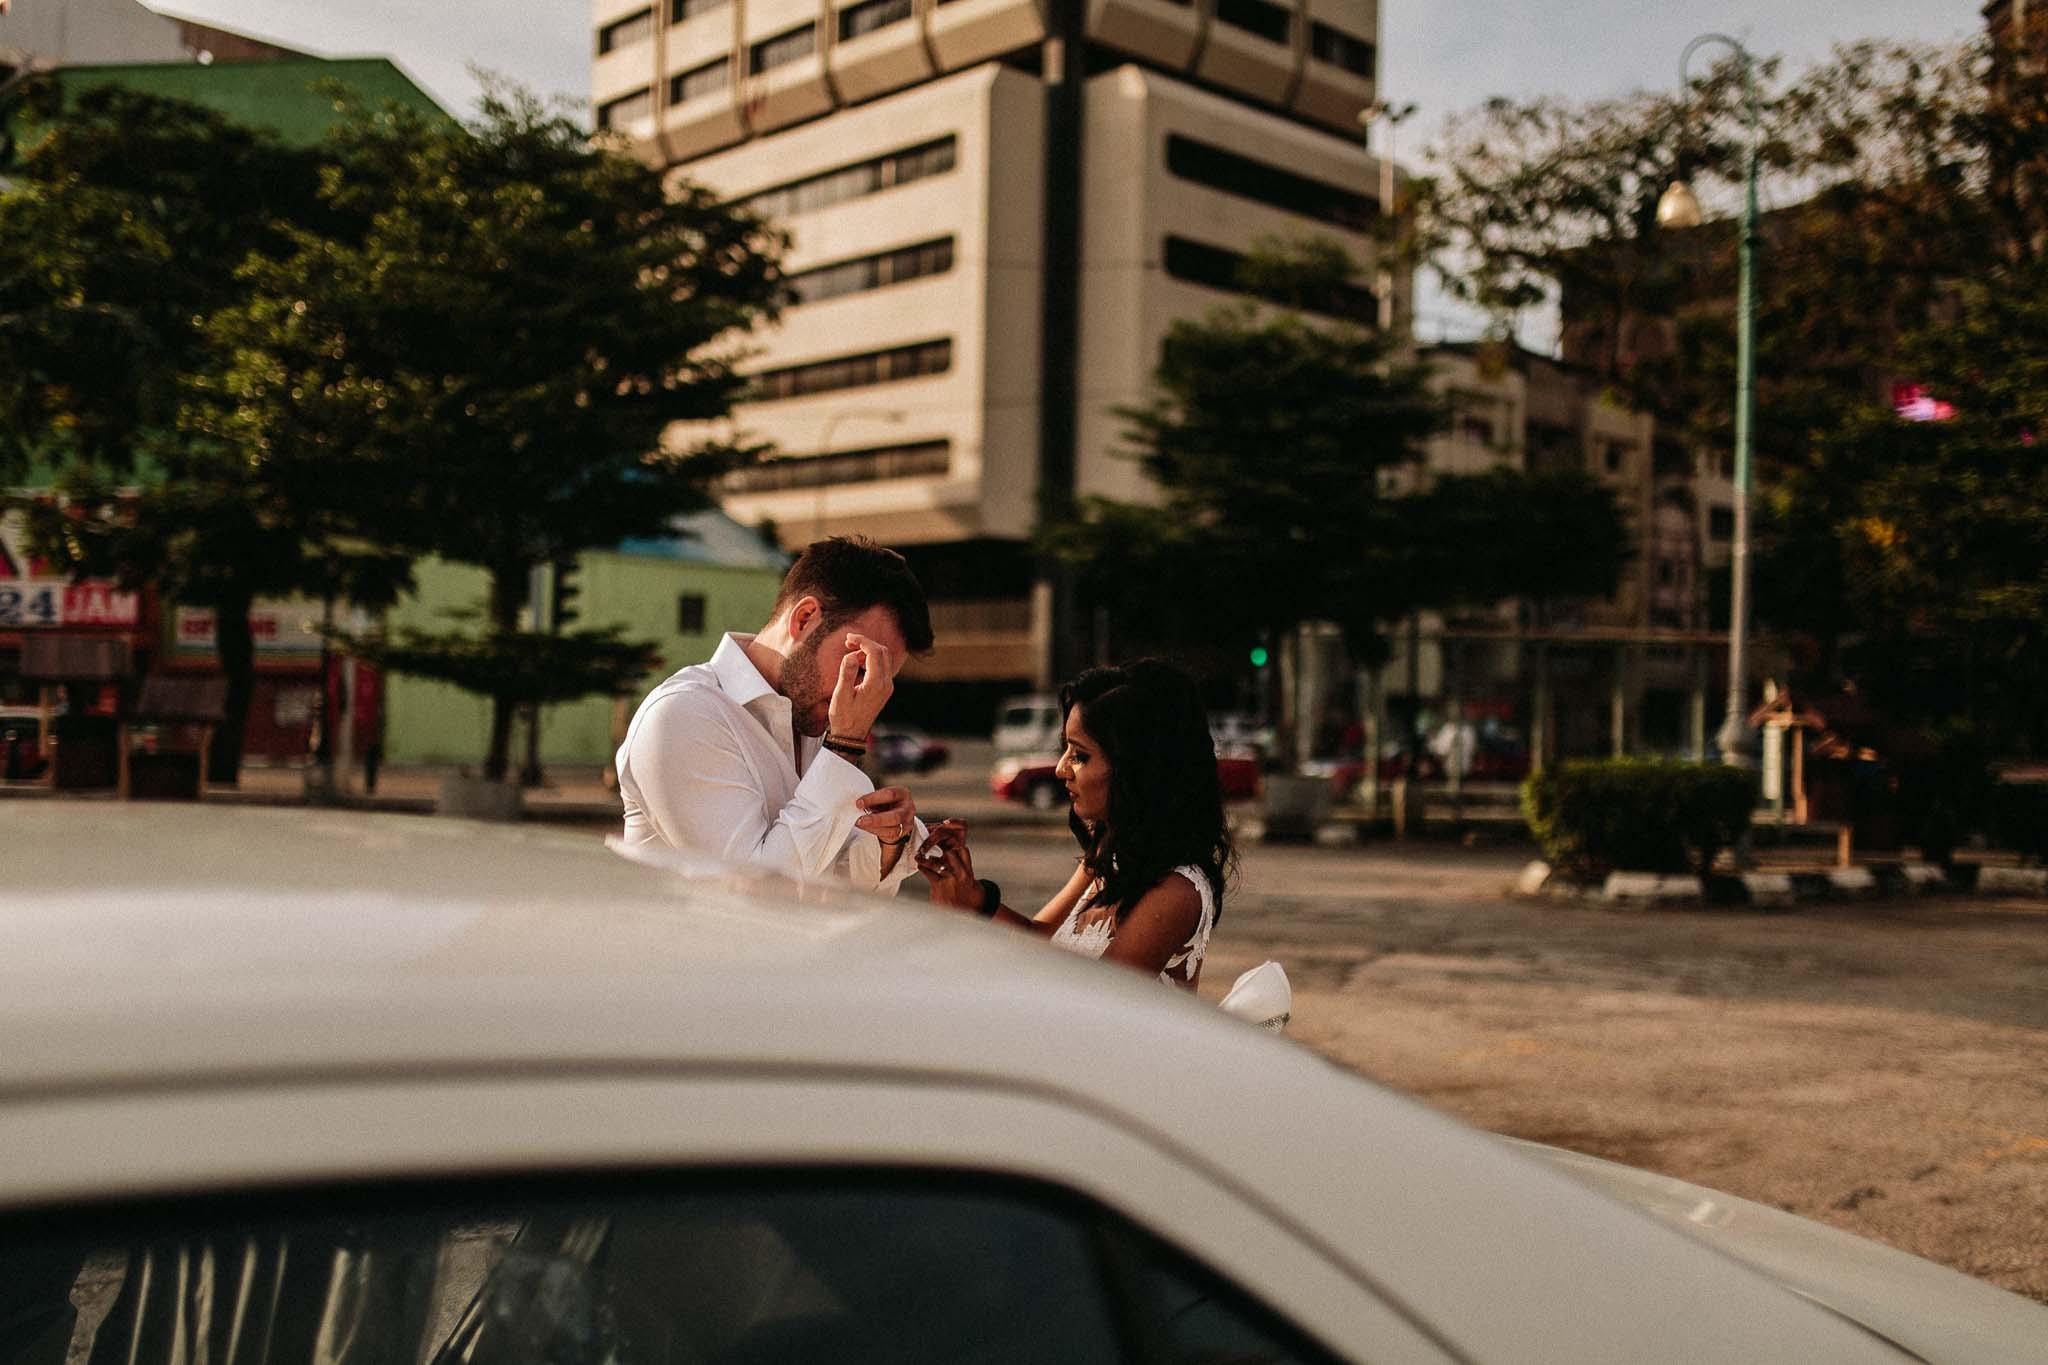 u&m-weddingsbyqay-lovesession-destinationweddingphotographer (16 of 160).jpg